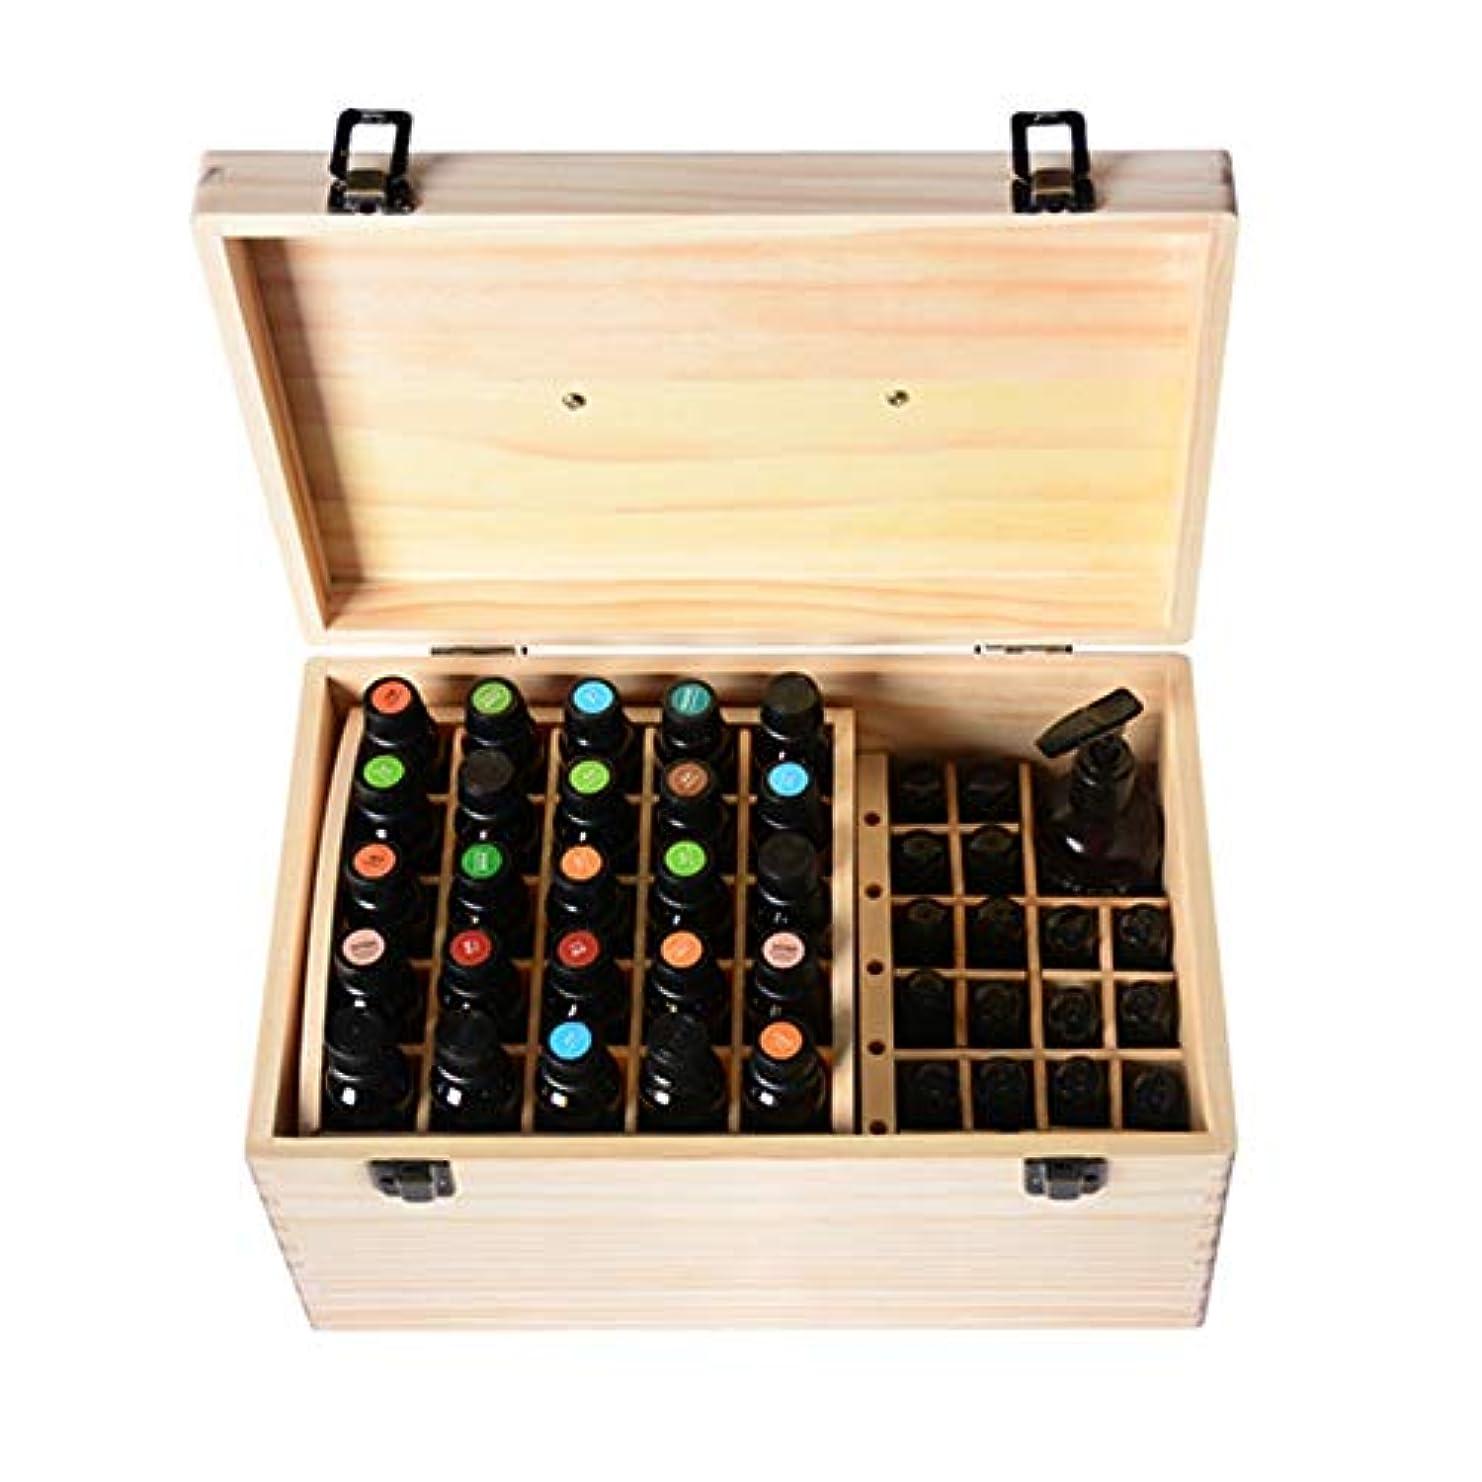 現代のつらい頼るエッセンシャルオイルの保管 74スロット木エッセンシャルオイルボックス収納ケース内部のリムーバブルは15/10 M1のボトルナチュラルパインを開催します (色 : Natural, サイズ : 35X20X16.5CM)